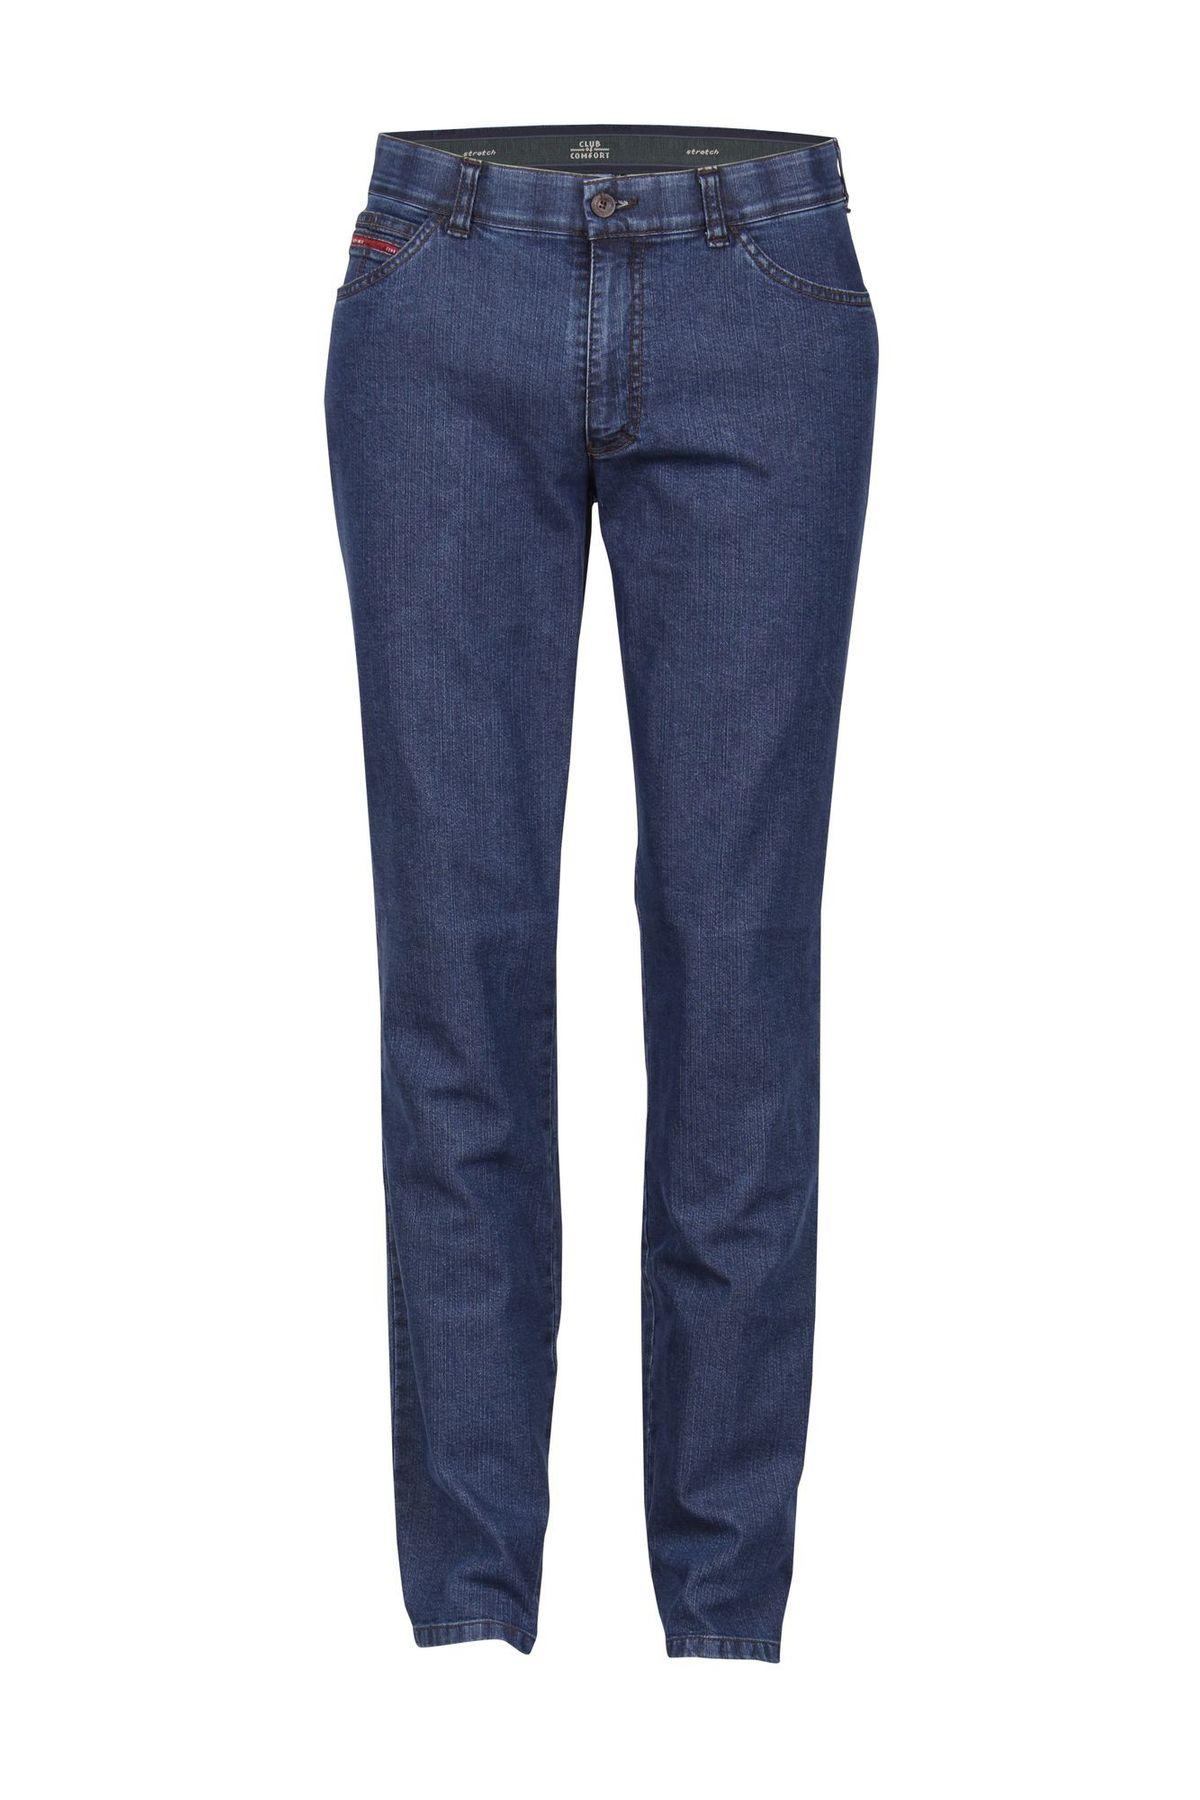 Club of Comfort - Herren Jeans Hose in verschiedenen Farbvarianten, Liam (4631) – Bild 13